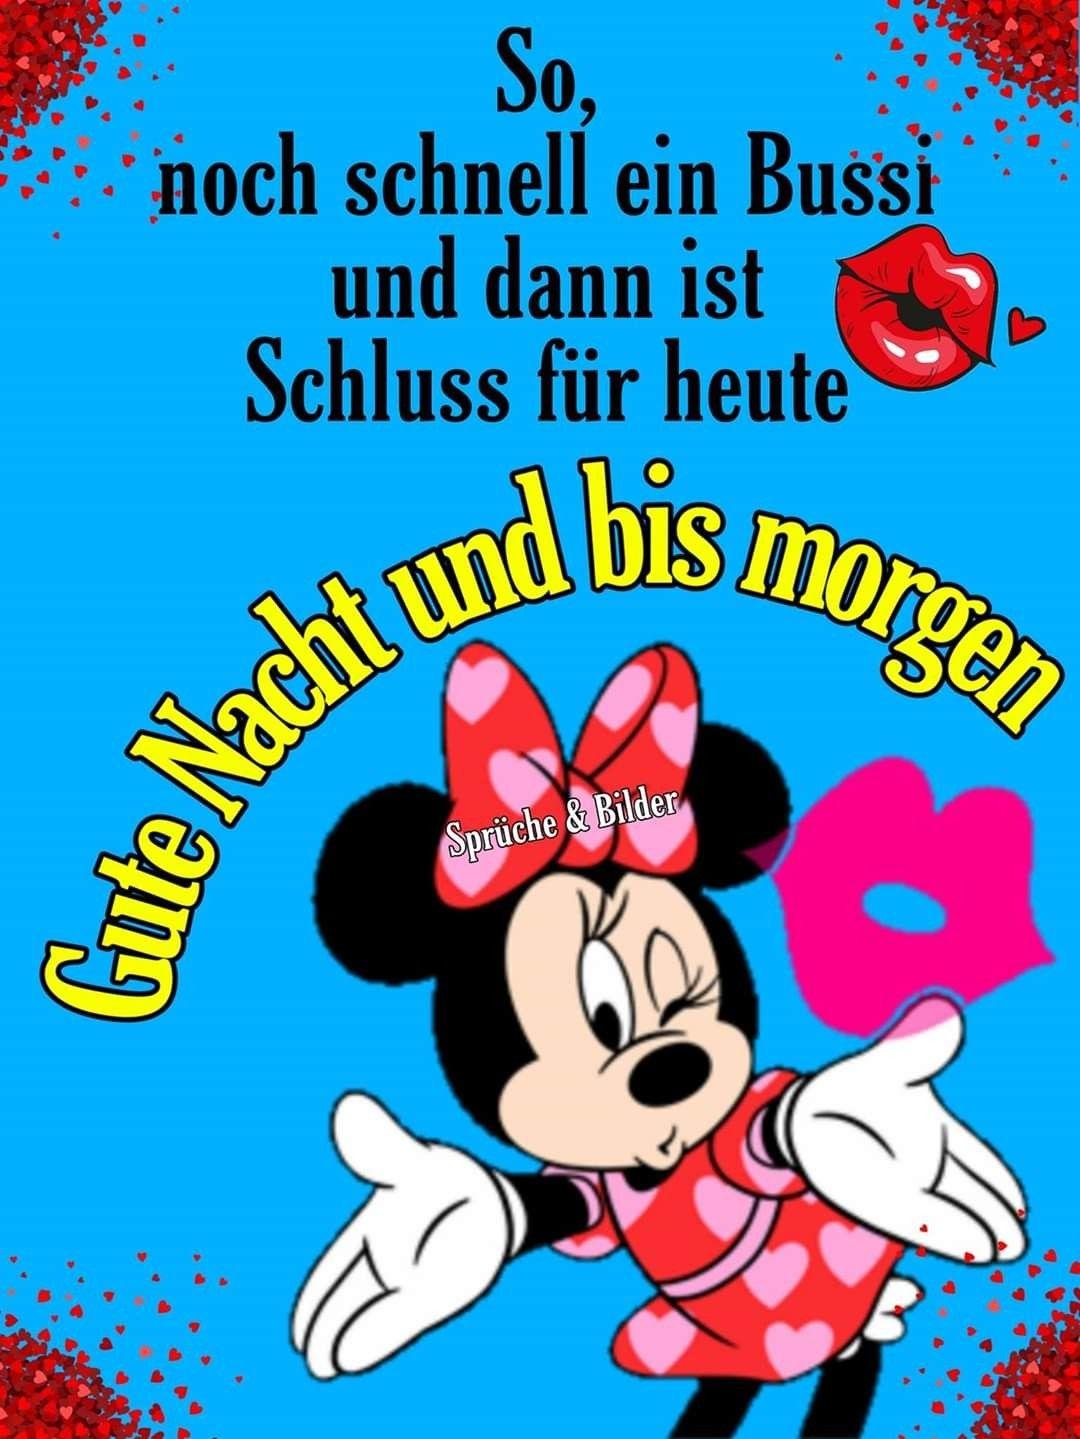 Pin Von Susanne Piesker Auf Gute Nacht Sprüche Gute Nacht Gute Nacht Grüße Nacht Grüße